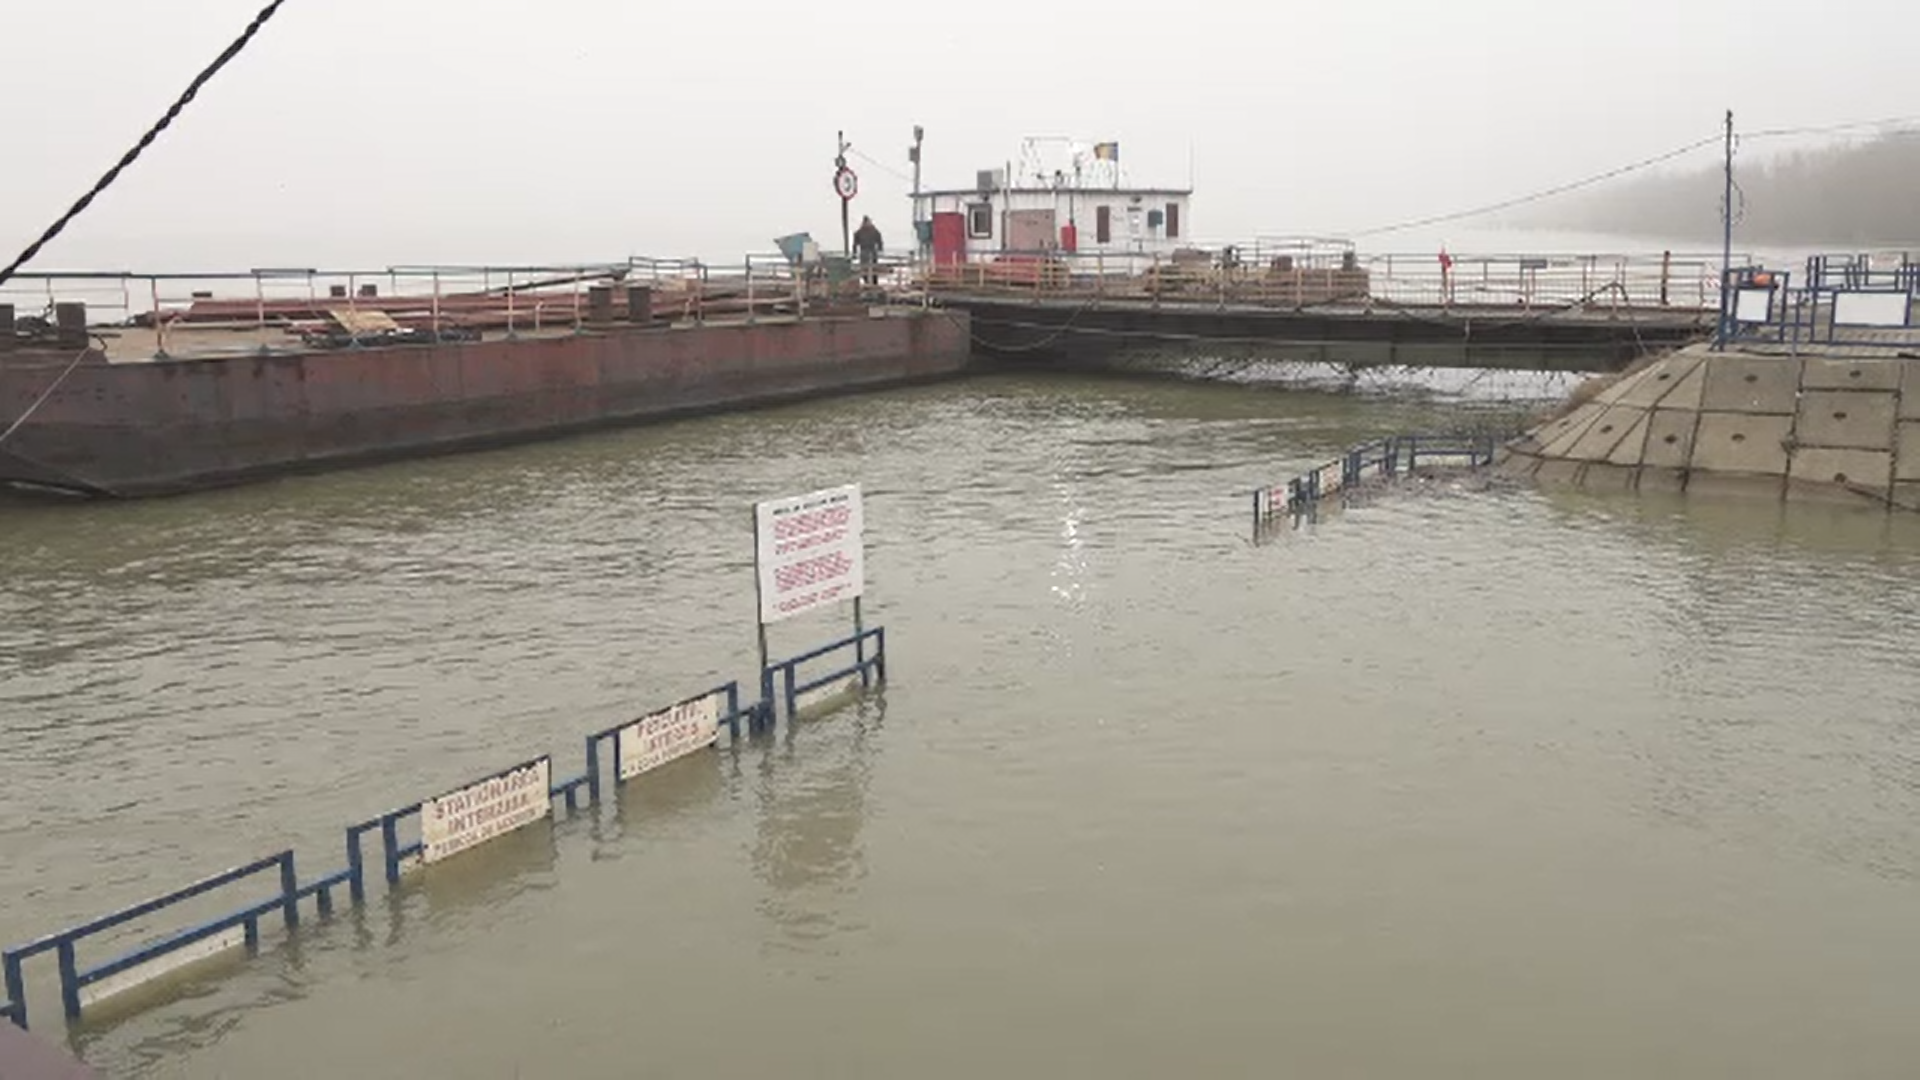 Nivelul Dunării este în creştere şi autorităţile fluviale au emis avertismente către navigatori